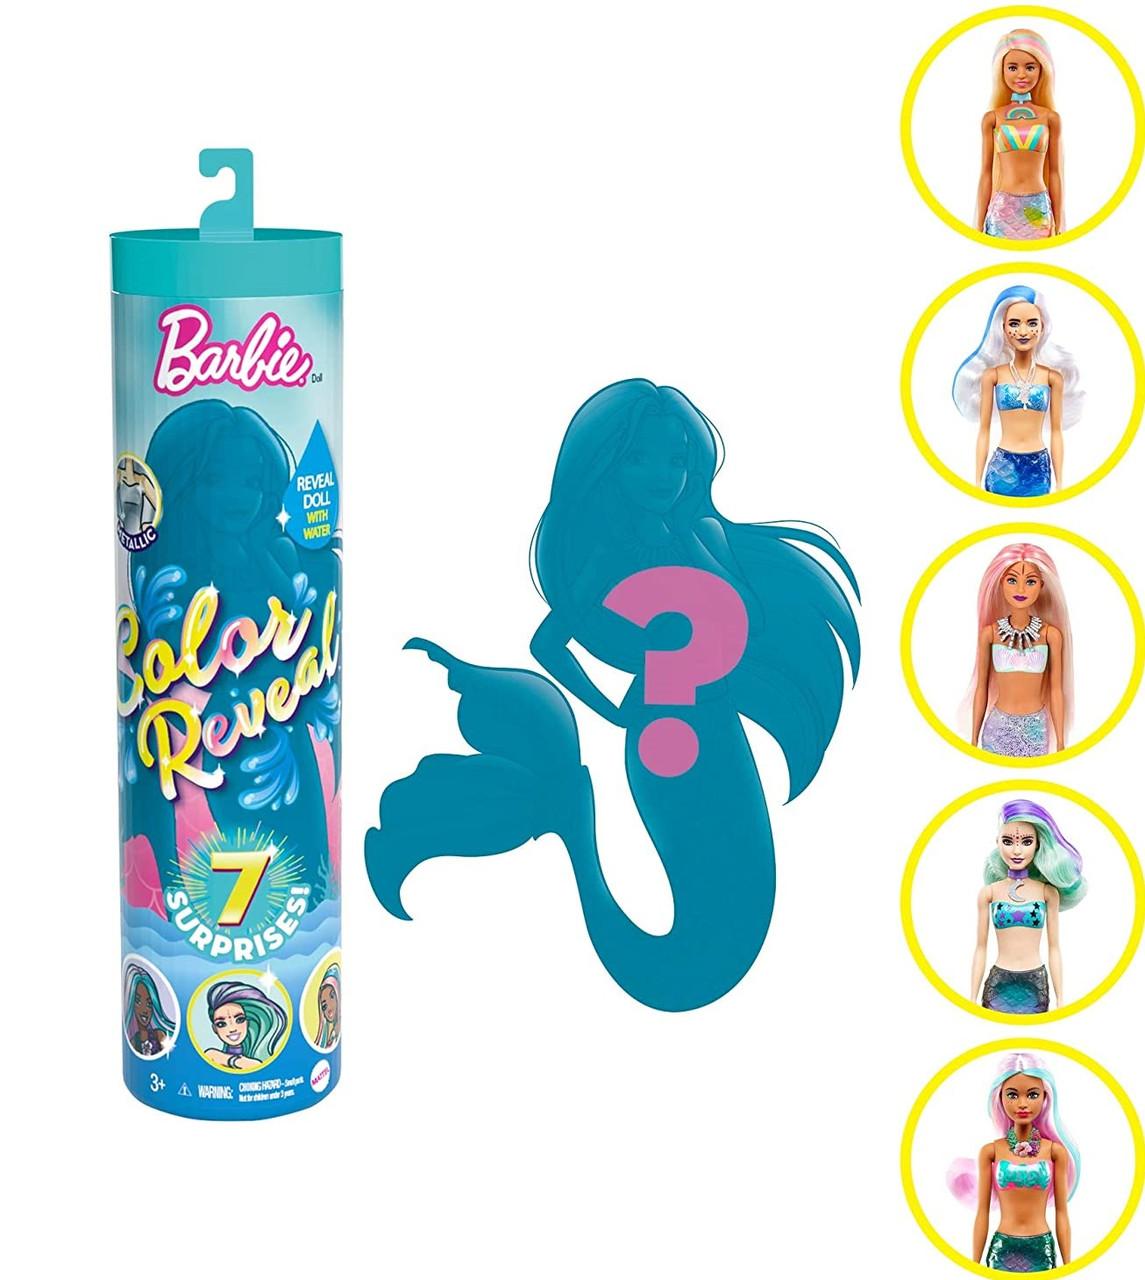 Лялька Барбі-сюрприз Русалка Кольорове перевтілення, Barbie Color Reveal Mermaid